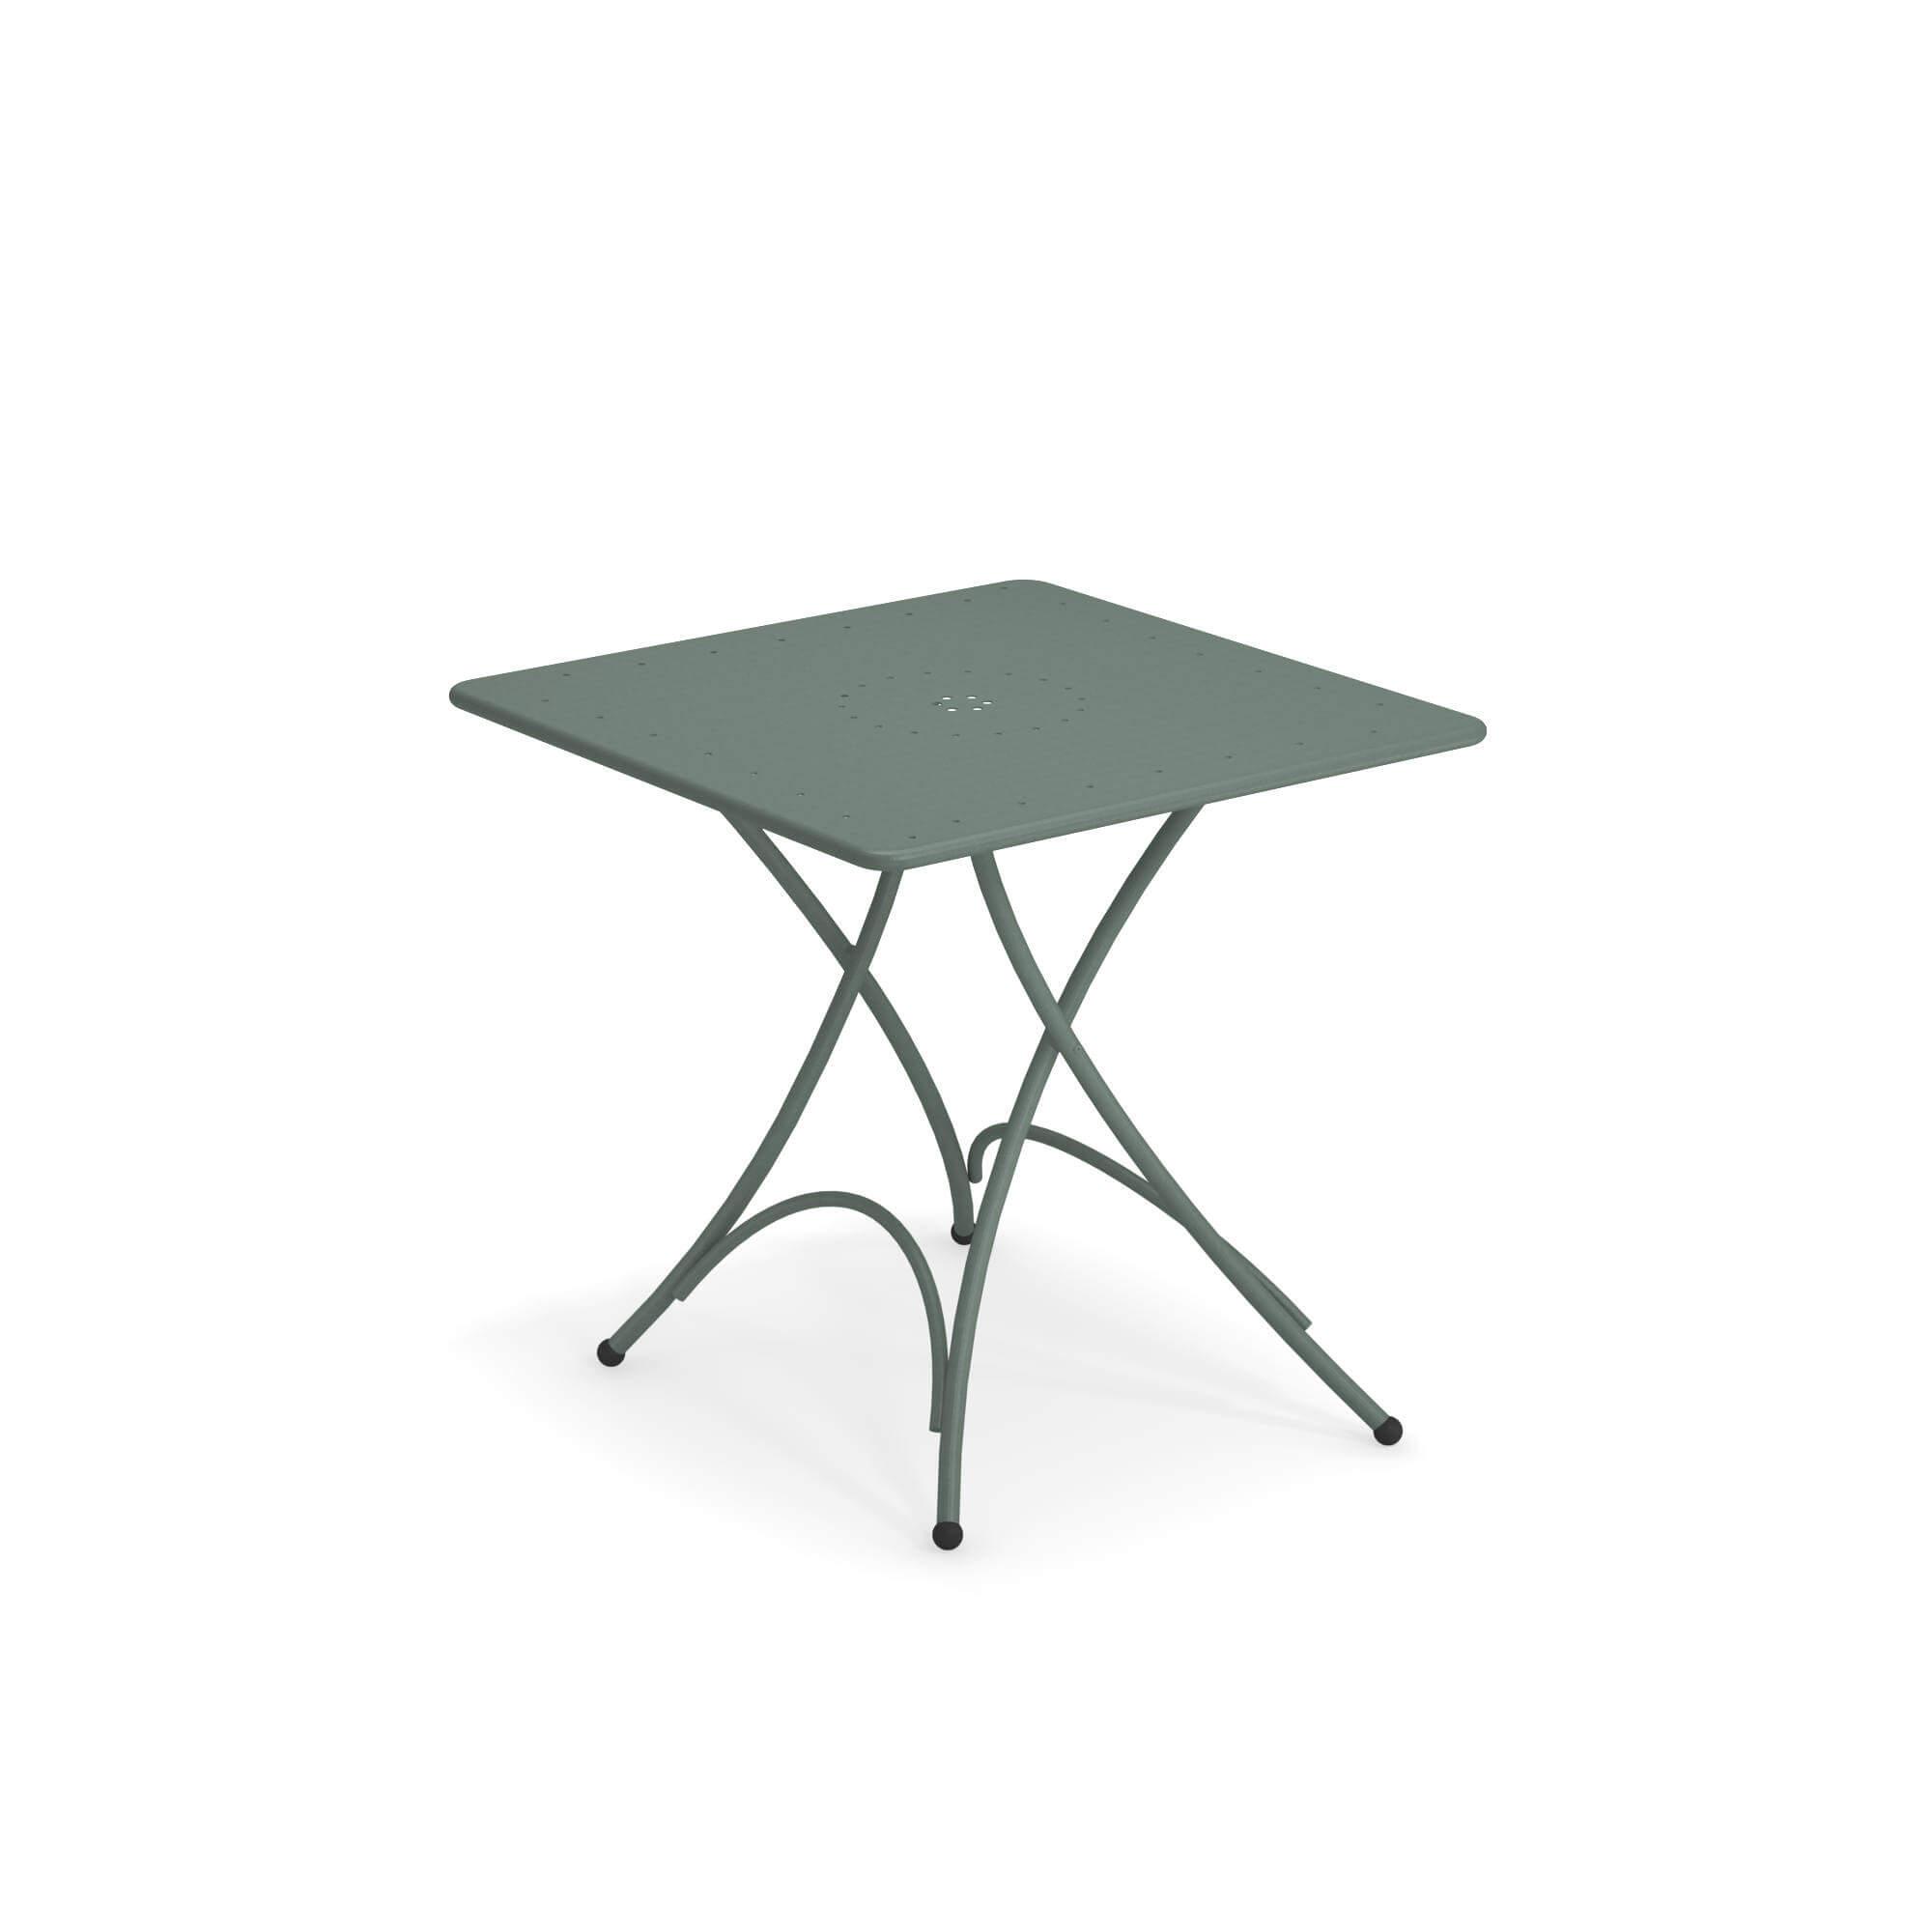 Tavoli Da Giardino Emu.Tavolo Quadrato Pieghevole 76x76 Da Giardino Esterno In Acciaio